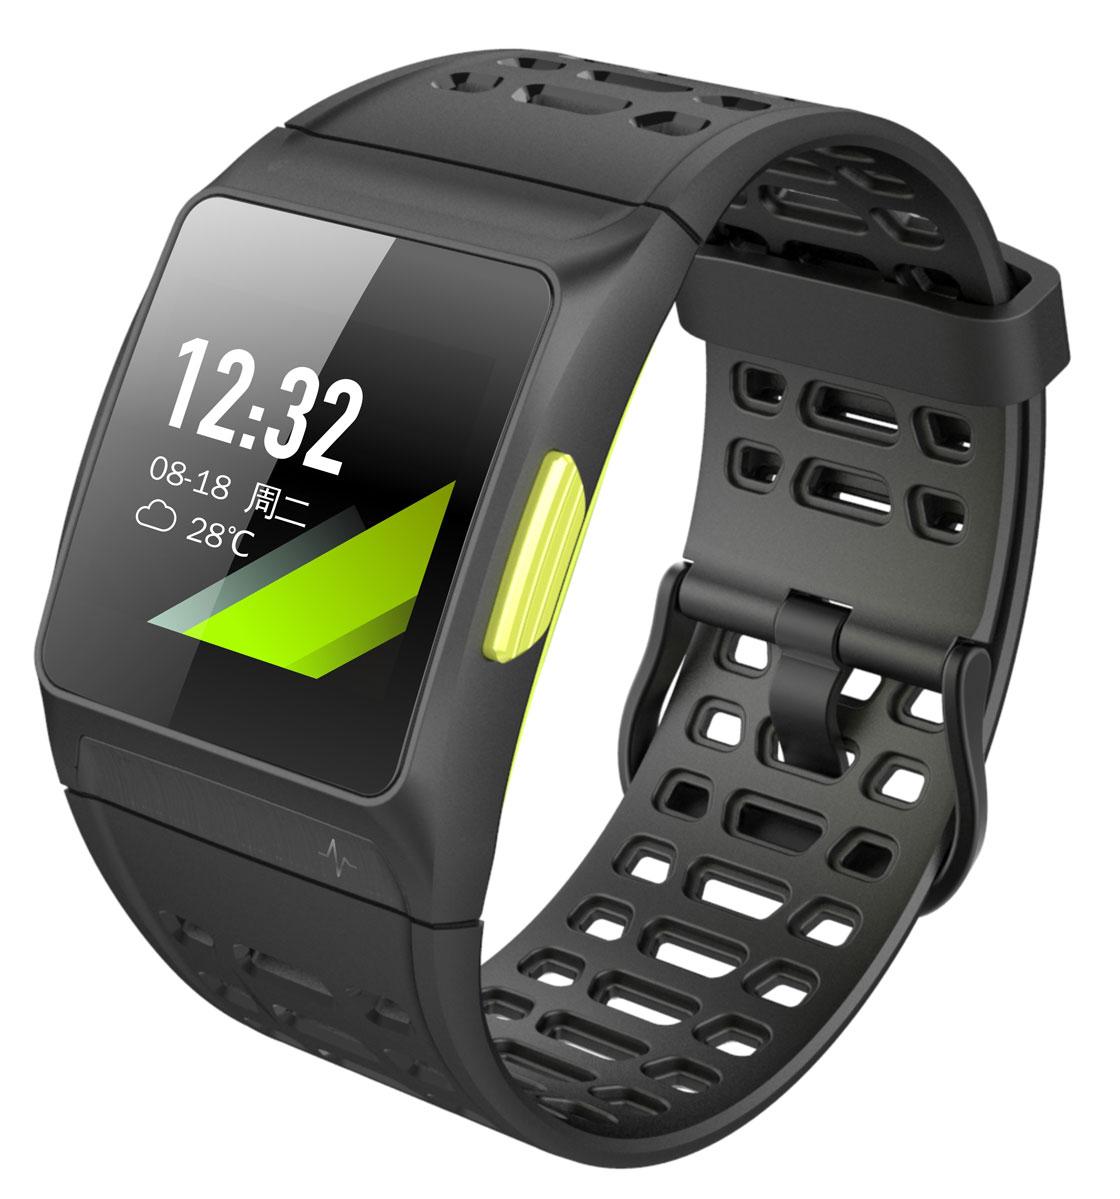 iWOWN P1, Black умные часыP1Умные часы iWOWN P1 - прекрасный выбор для влюбленных в спорт, энергичных людей. Многофункциональность часов позволяет наслаждаться занятиями спортом, а так же всегда оставаться на связи с родными и близкими. Часы оснащены цветным сенсорным экраном с высоким разрешением. Управление также осуществляется с помощью встроенных кнопок. Автоматическое распознавание видов тренировок упрощает работу с часами, нет необходимости в долгой настройке. Со встроенным GPS датчиком Вы не собьетесь с пути, часы передают всю информацию о маршруте, пройденном расстоянии, количестве шагов и сожженных калориях на приложение, установленное на смартфоне. Таким образом, Вы всегда можете просмотреть, где проходил Ваш маршрут и насколько эффективная была тренировка. Круглосуточный мониторинг пульса позволяет следить за показателями здоровья и поддерживать организм в оптимальном состоянии. Часы iWOWN P1 - отличный вариант для Вас и Вашего здоровья!